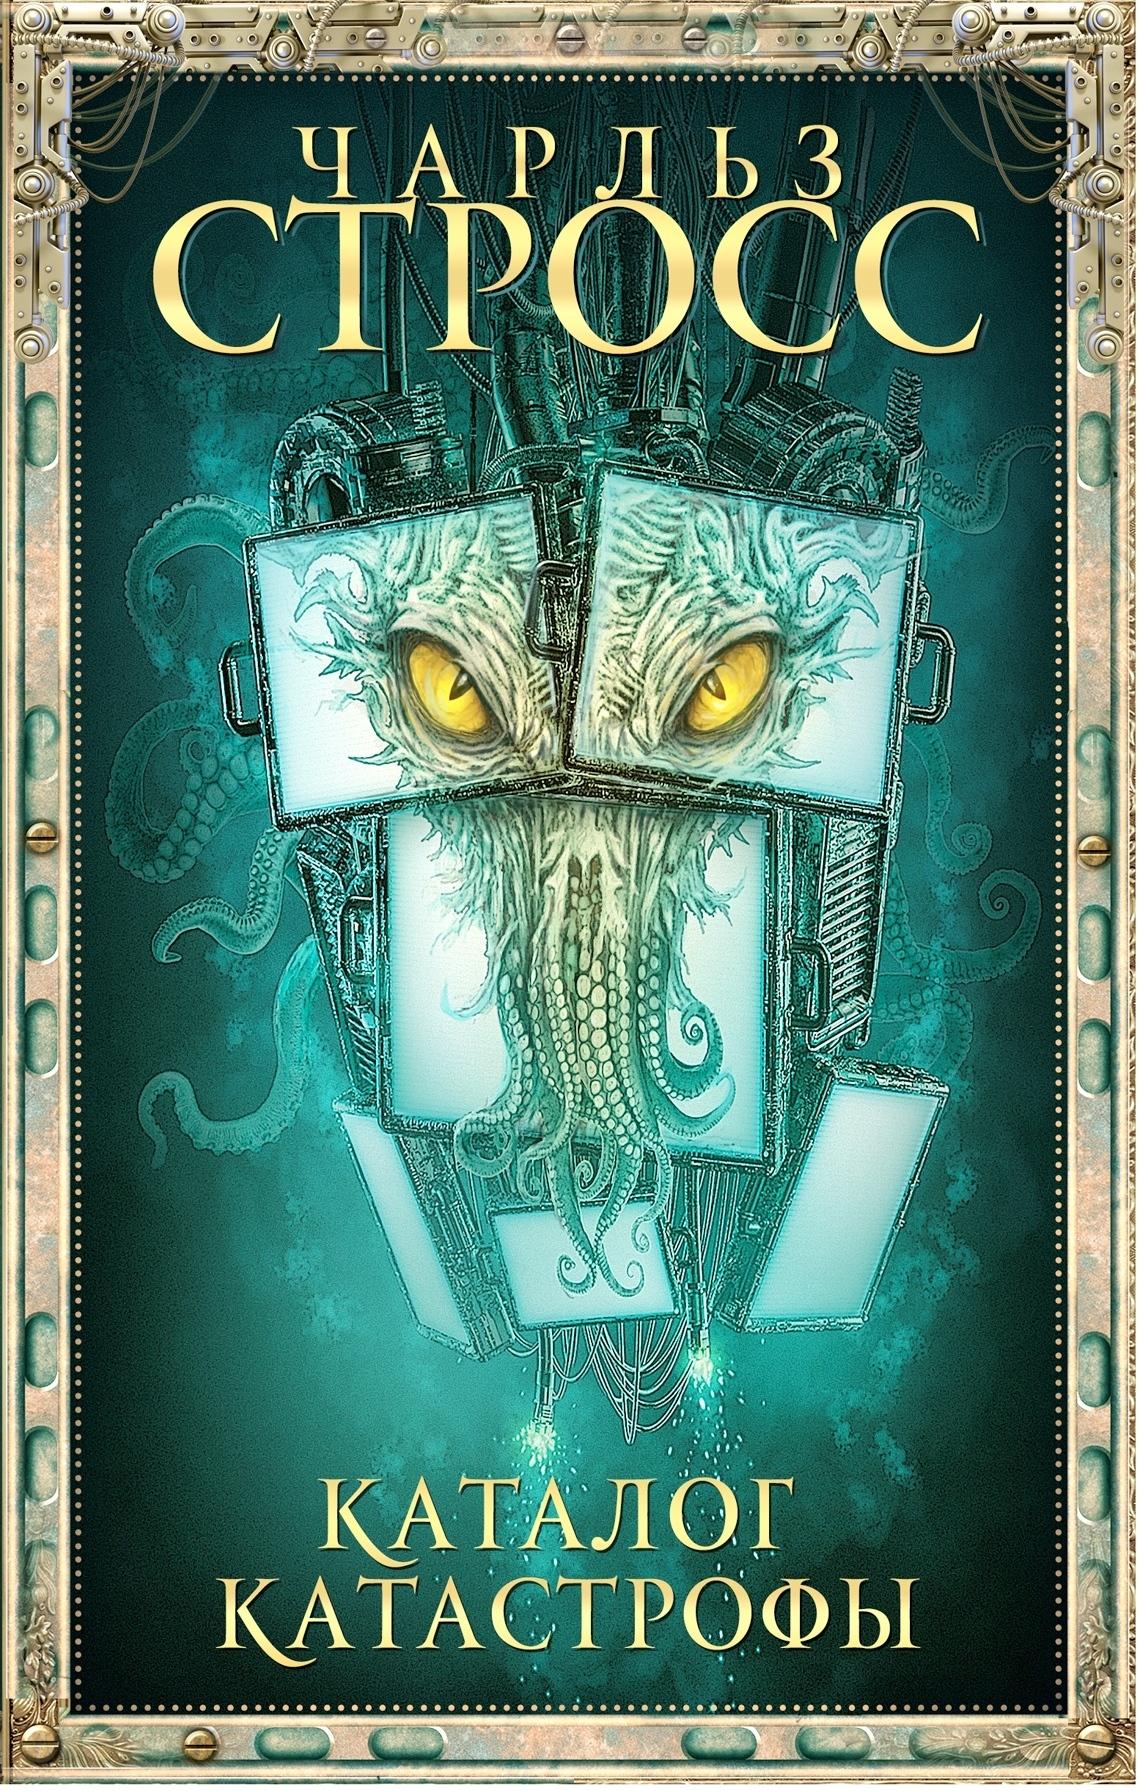 Чарльз Стросс «Каталог катастрофы»: книга про тайную организацию гиков и программистов